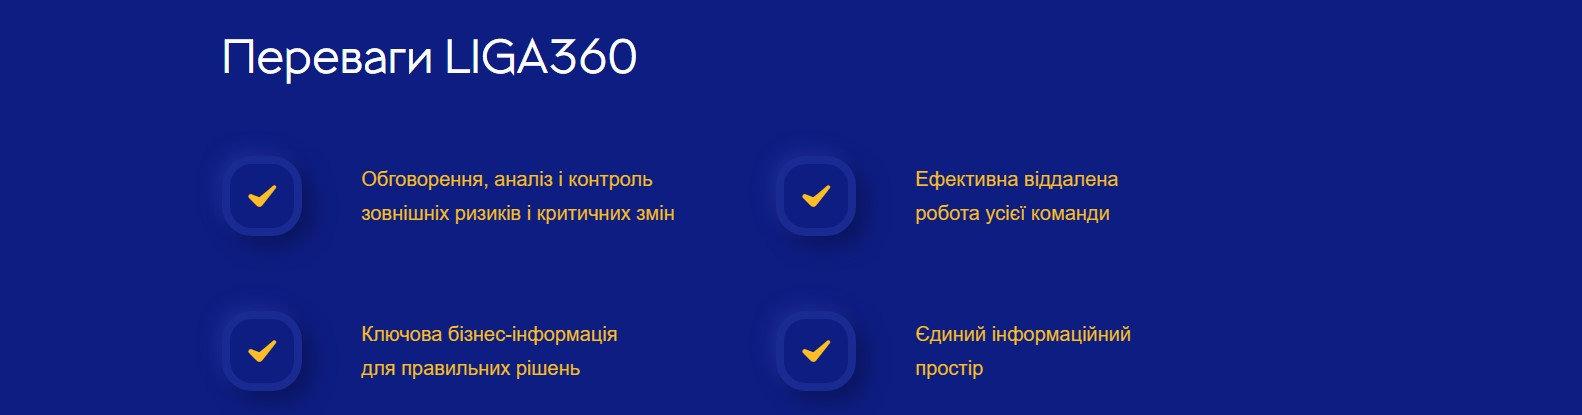 Переваги LIGA360